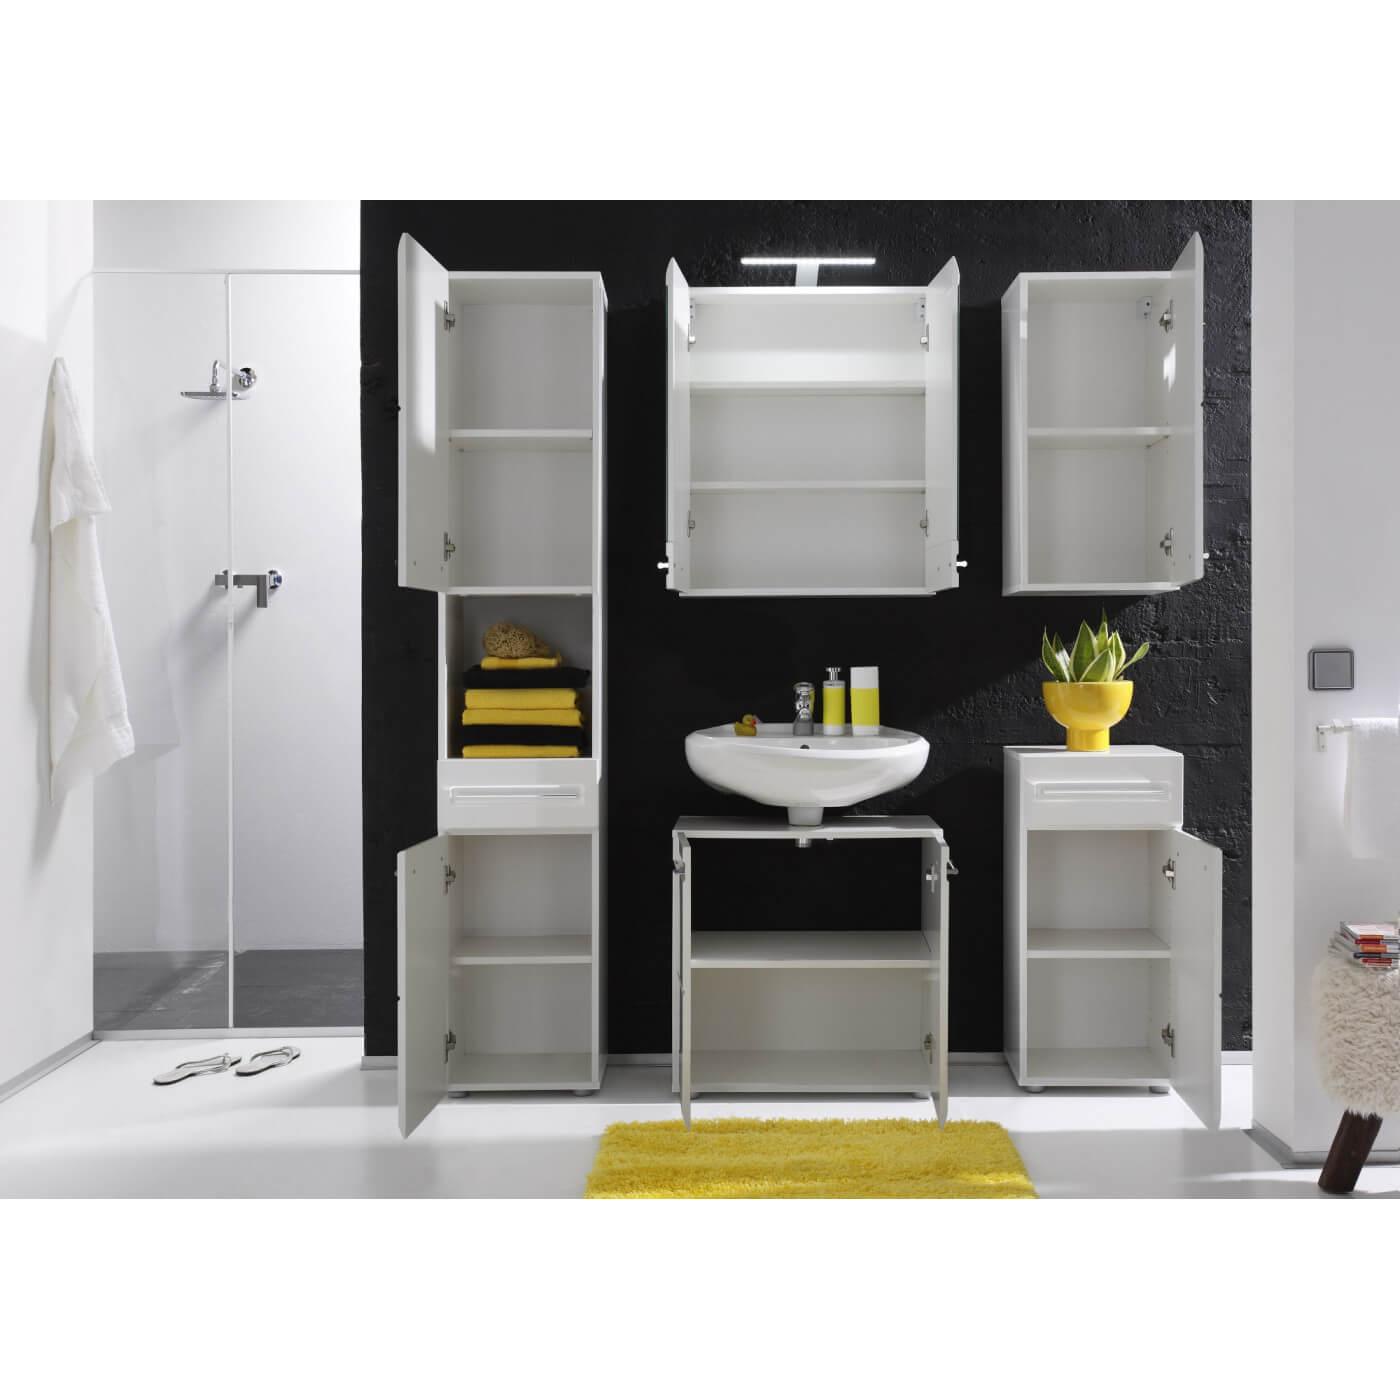 Meuble sous lavabo de salle de bain design laqu blanc - Meuble salle de bain sous lavabo ...